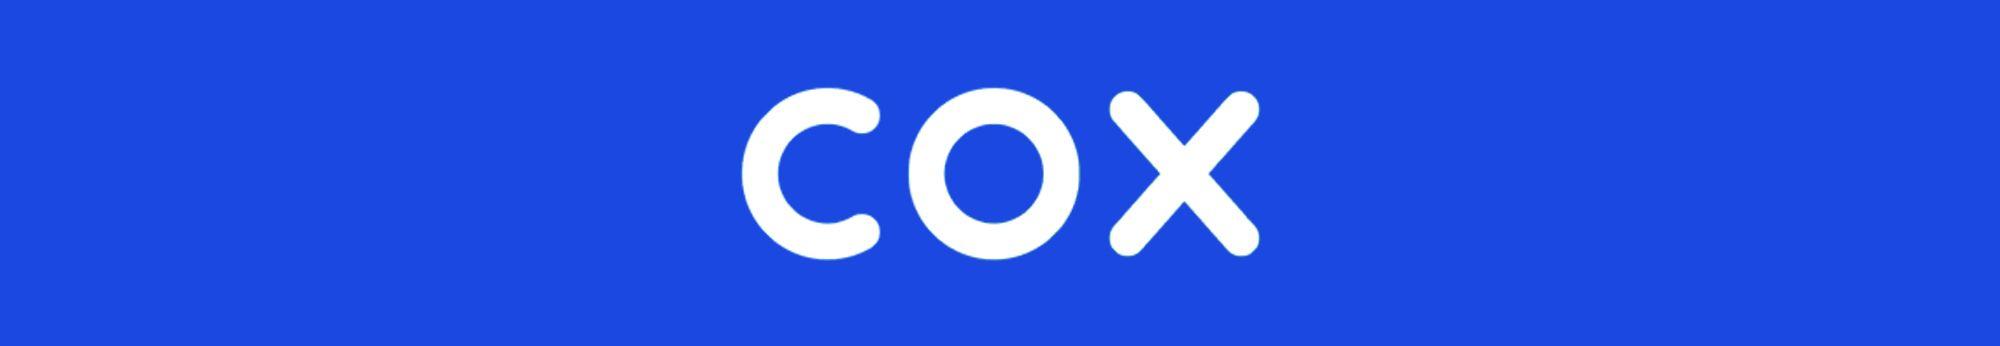 NewAffiliateButtons_Cox